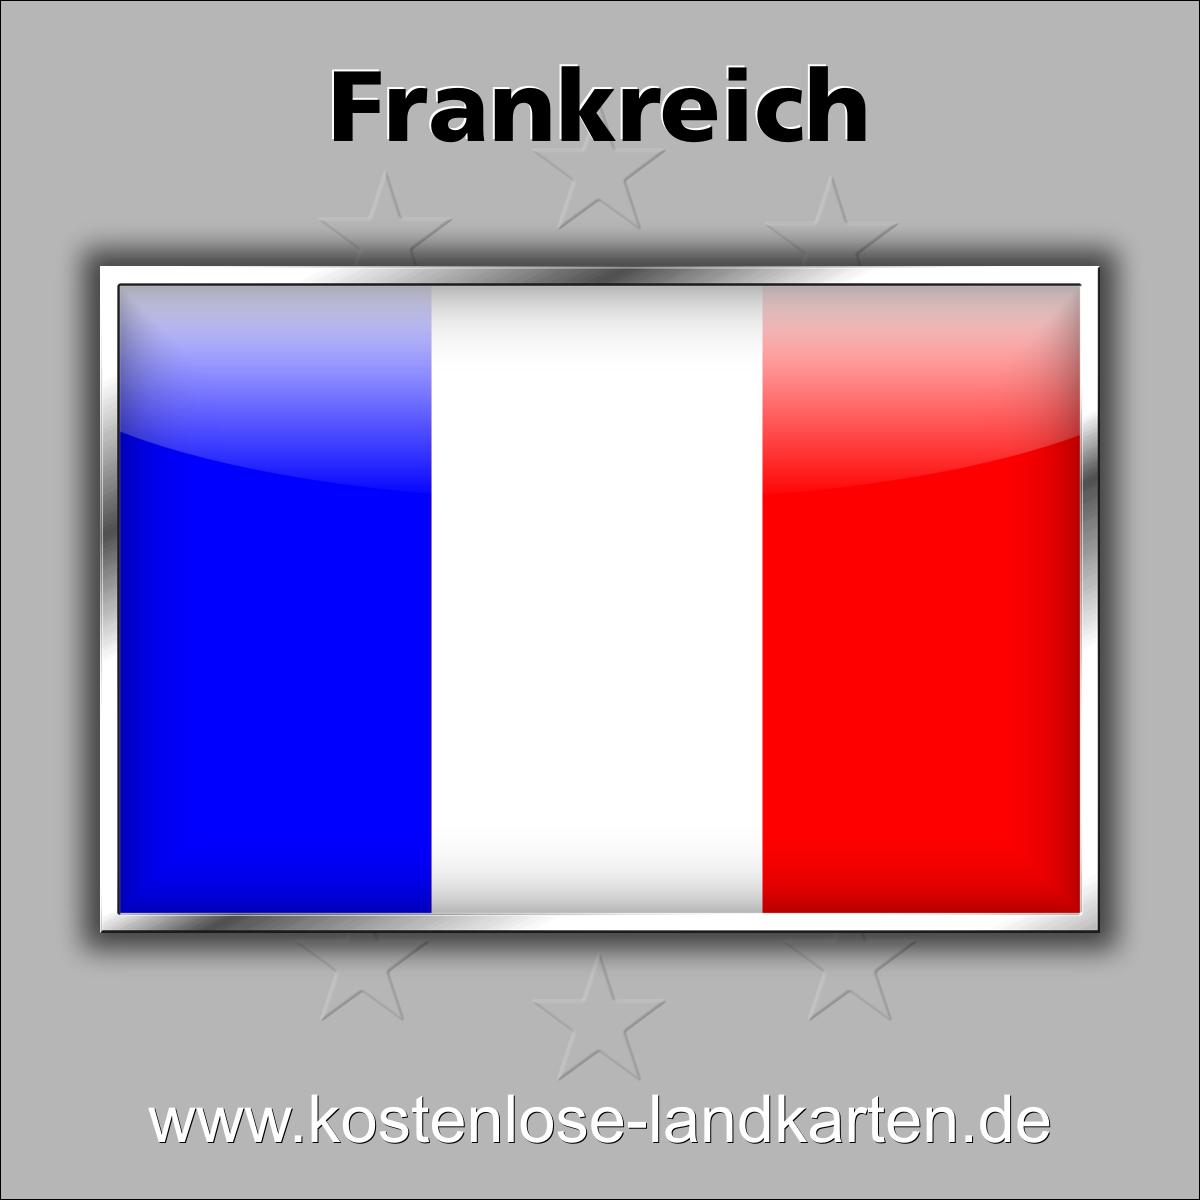 Frankreich France